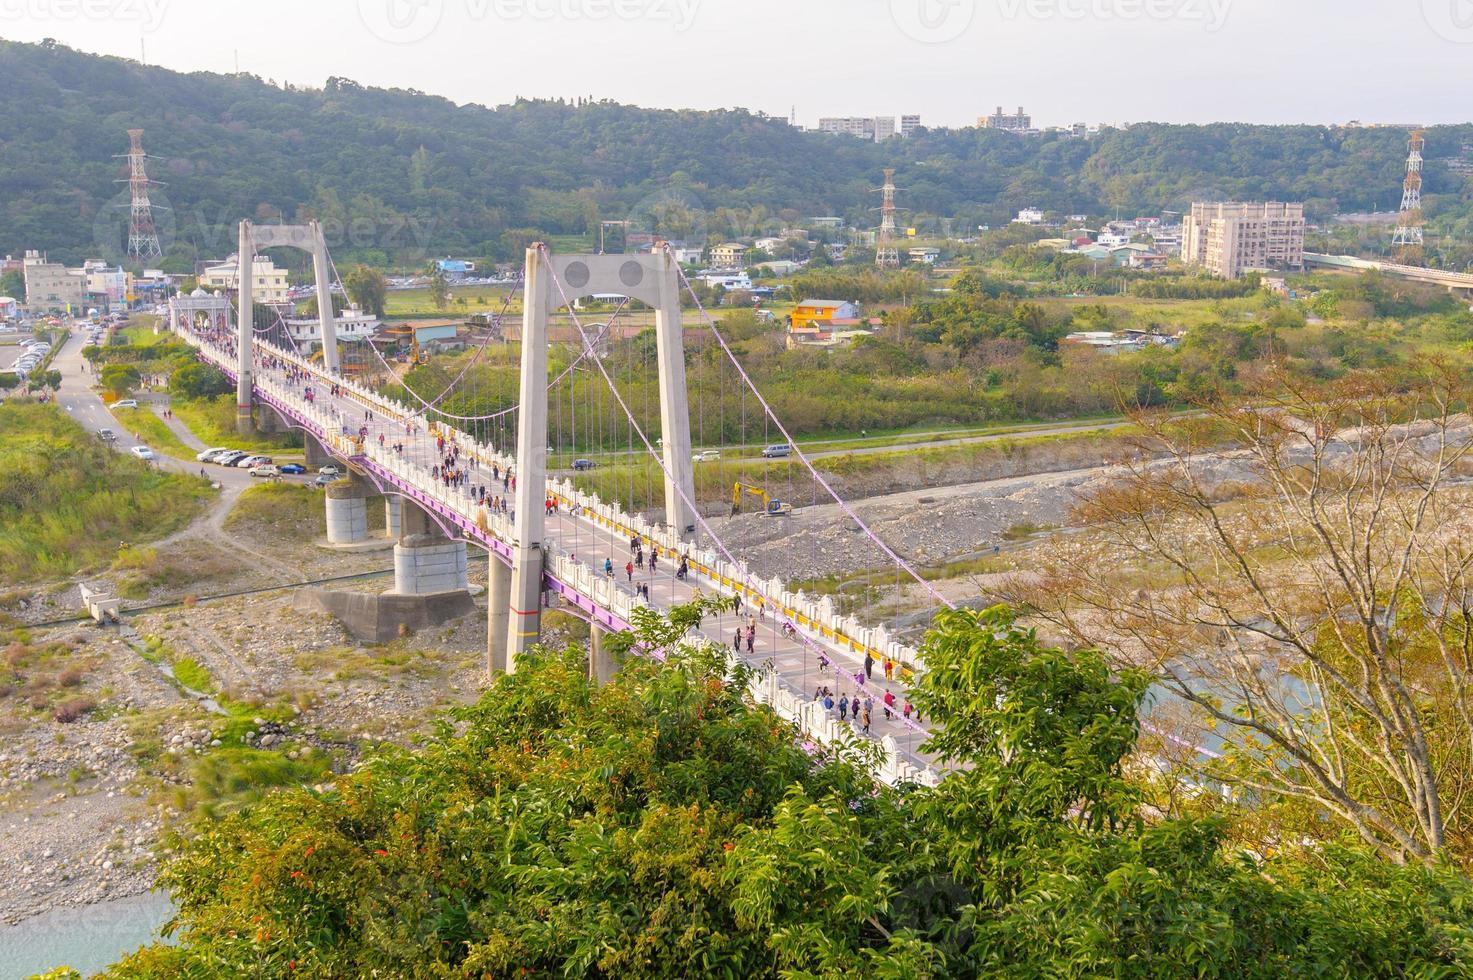 ponte levadiça em daxi, taoyuan, taiwan foto